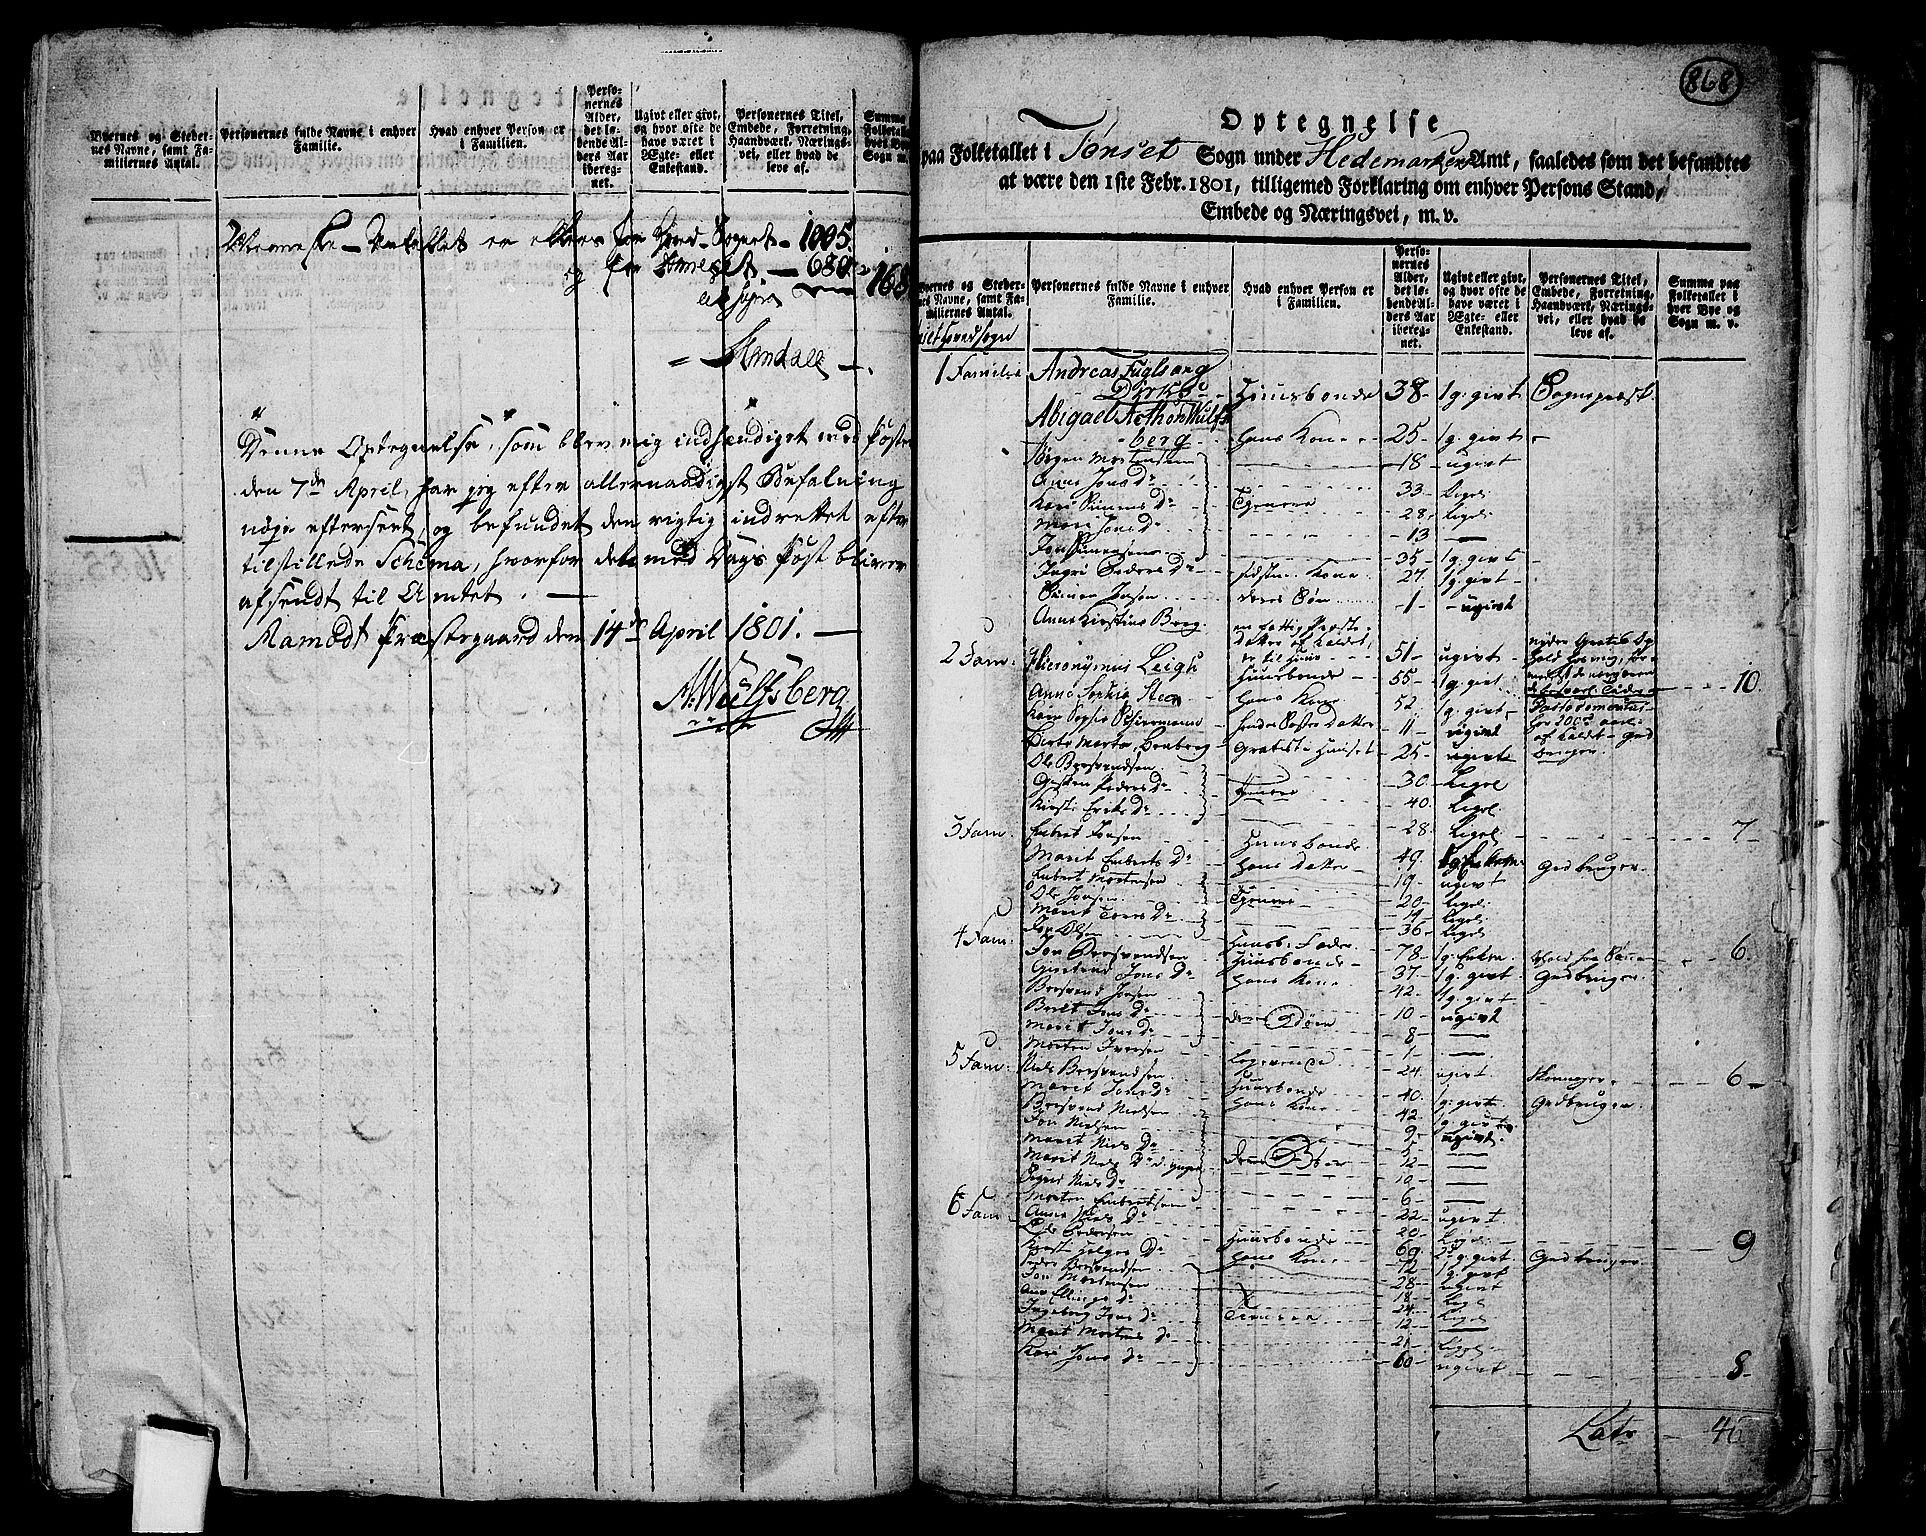 RA, Folketelling 1801 for 0437P Tynset prestegjeld, 1801, s. 867b-868a